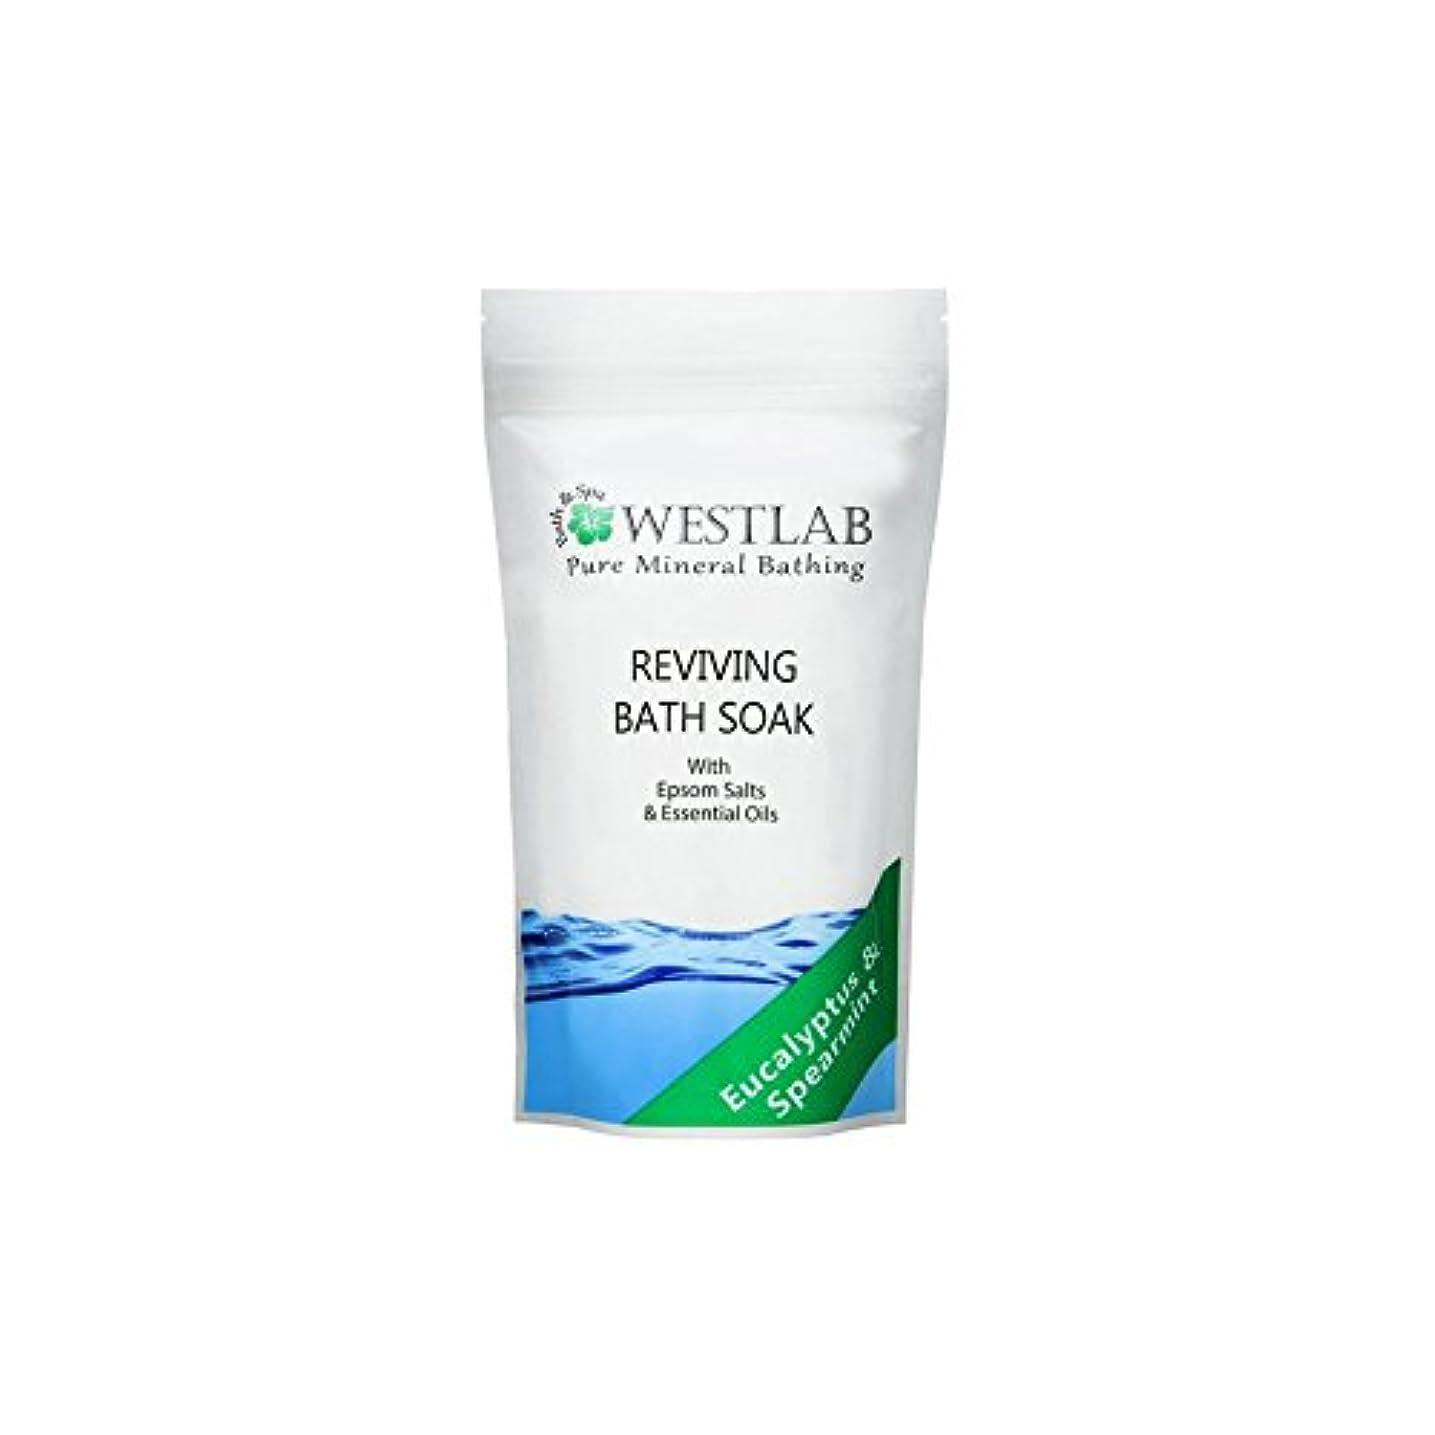 厚くする明るくする怖がって死ぬ(500グラム)をソークエプソム塩浴を復活させます x4 - Westlab Revive Epsom Salt Bath Soak (500g) (Pack of 4) [並行輸入品]